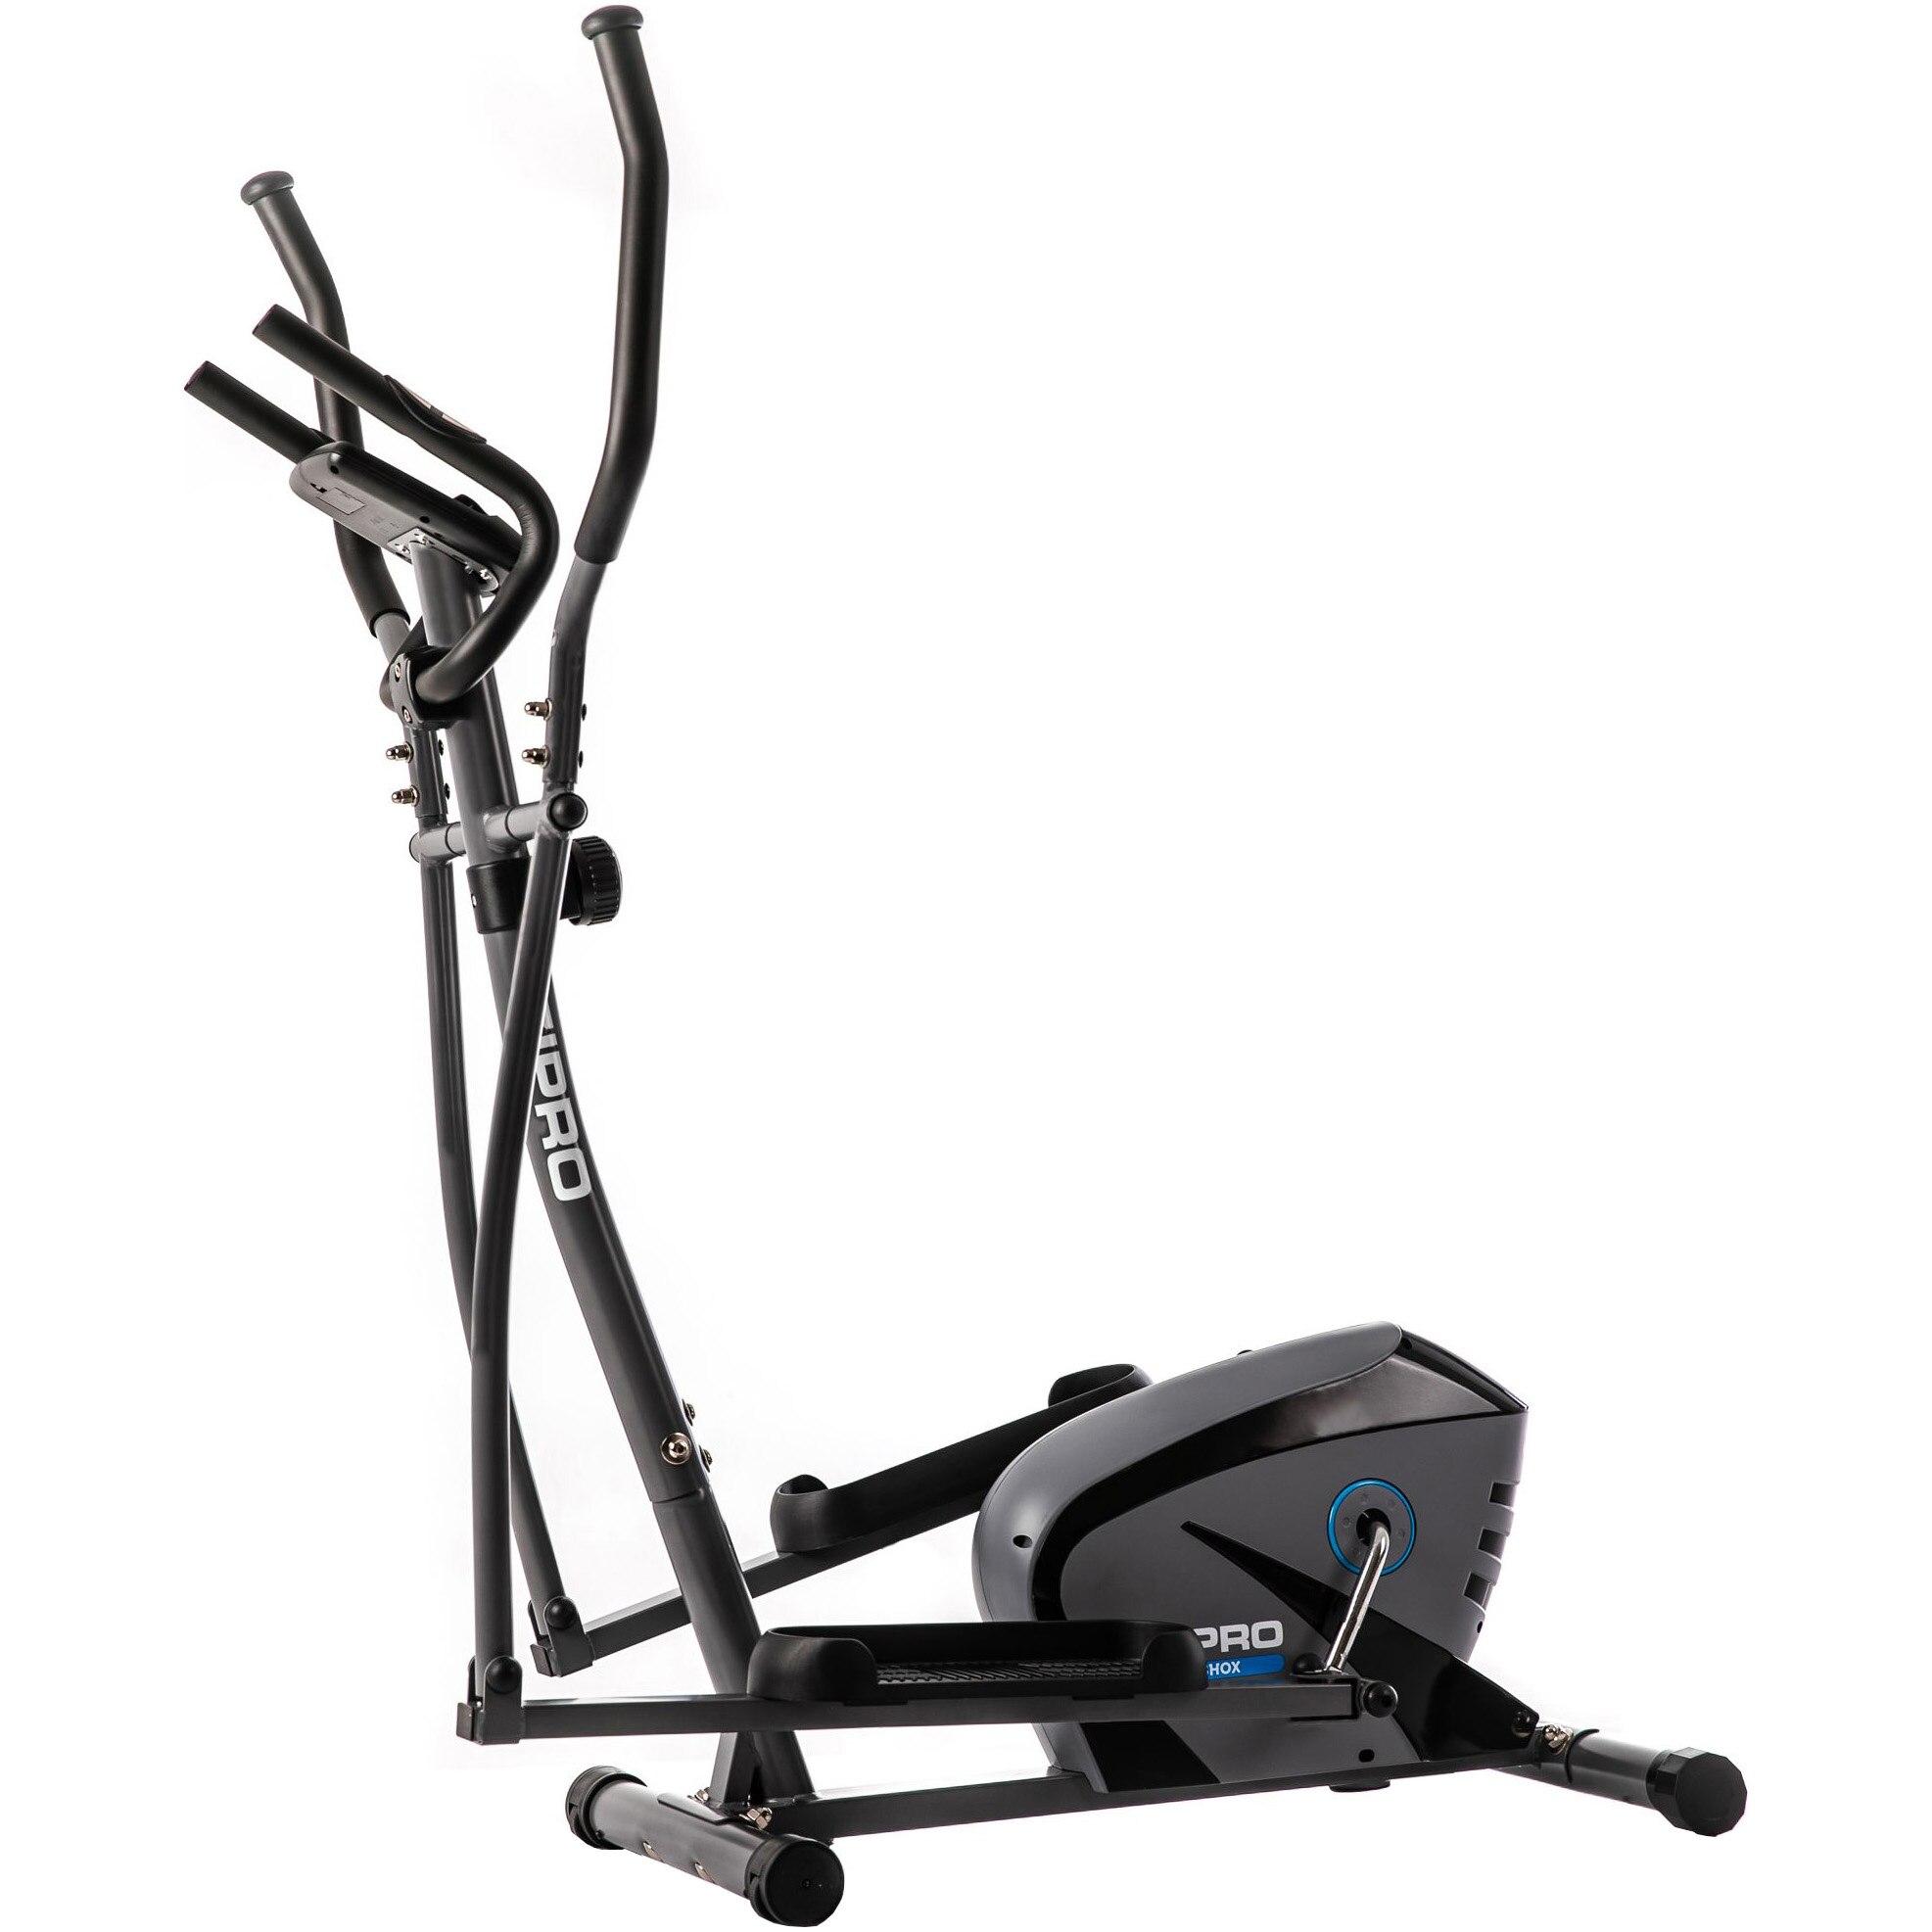 Fotografie Bicicleta eliptica Zipro Shox, volanta 7kg, greutate maxima utilizator 120kg